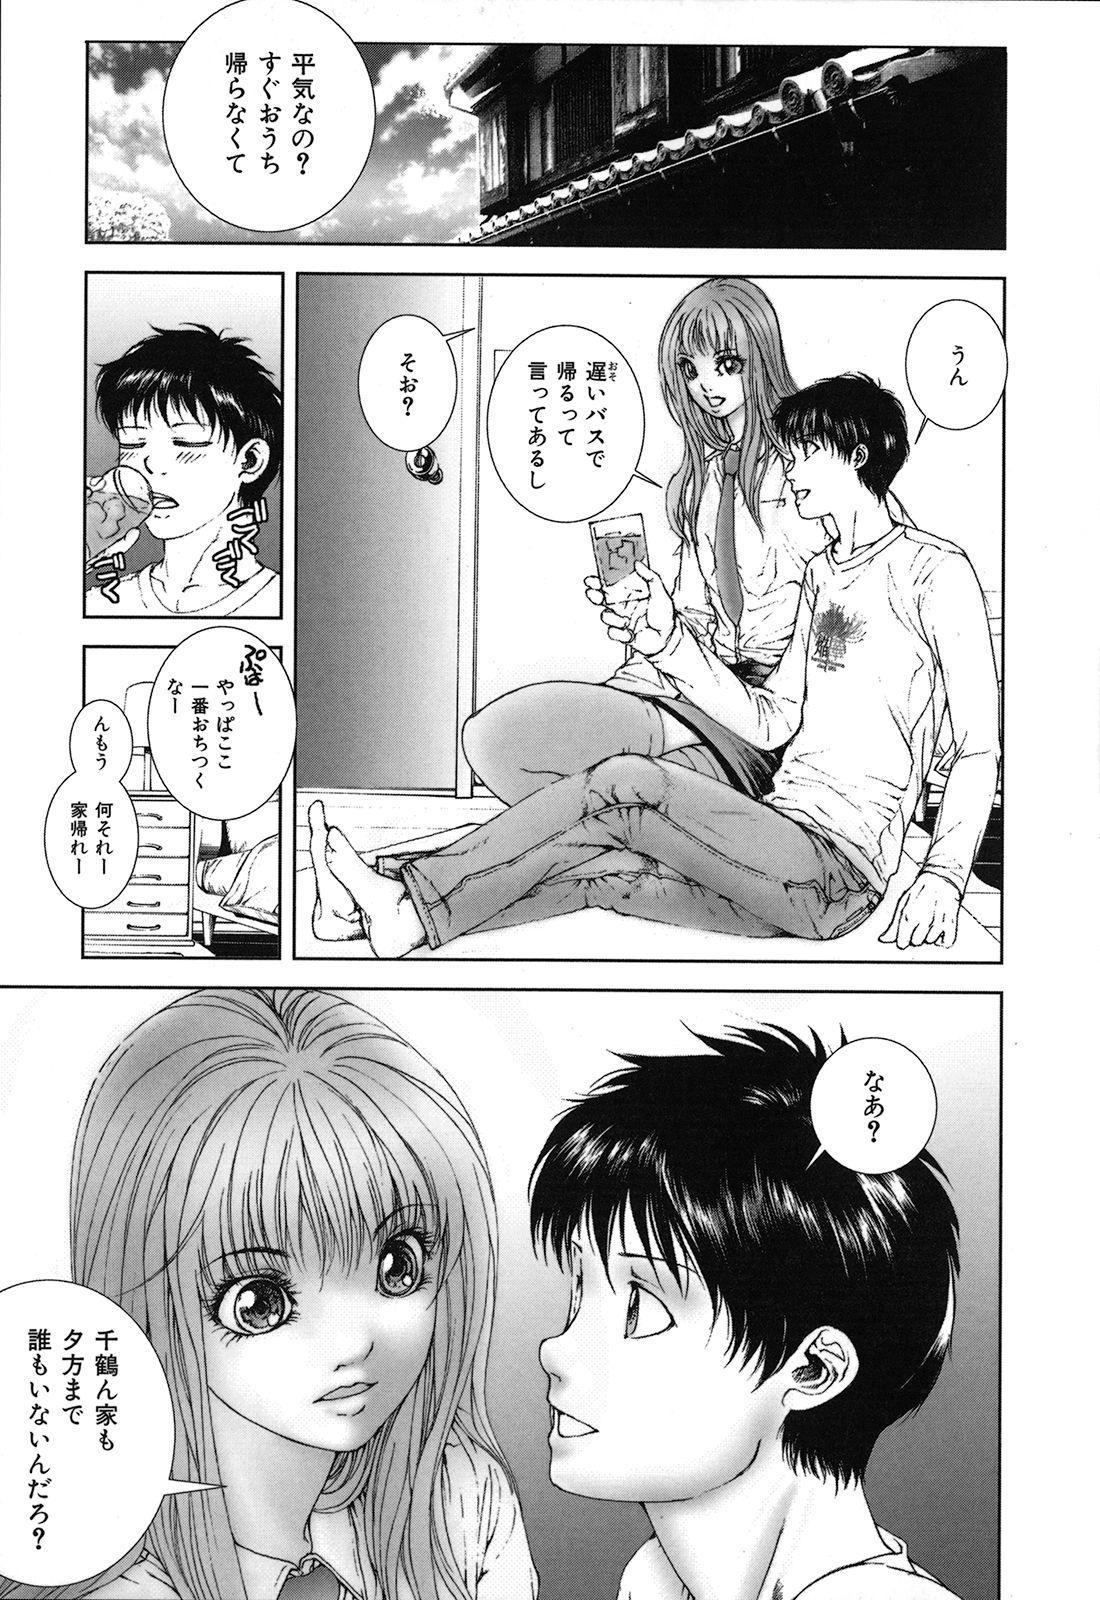 Kou Musume 154